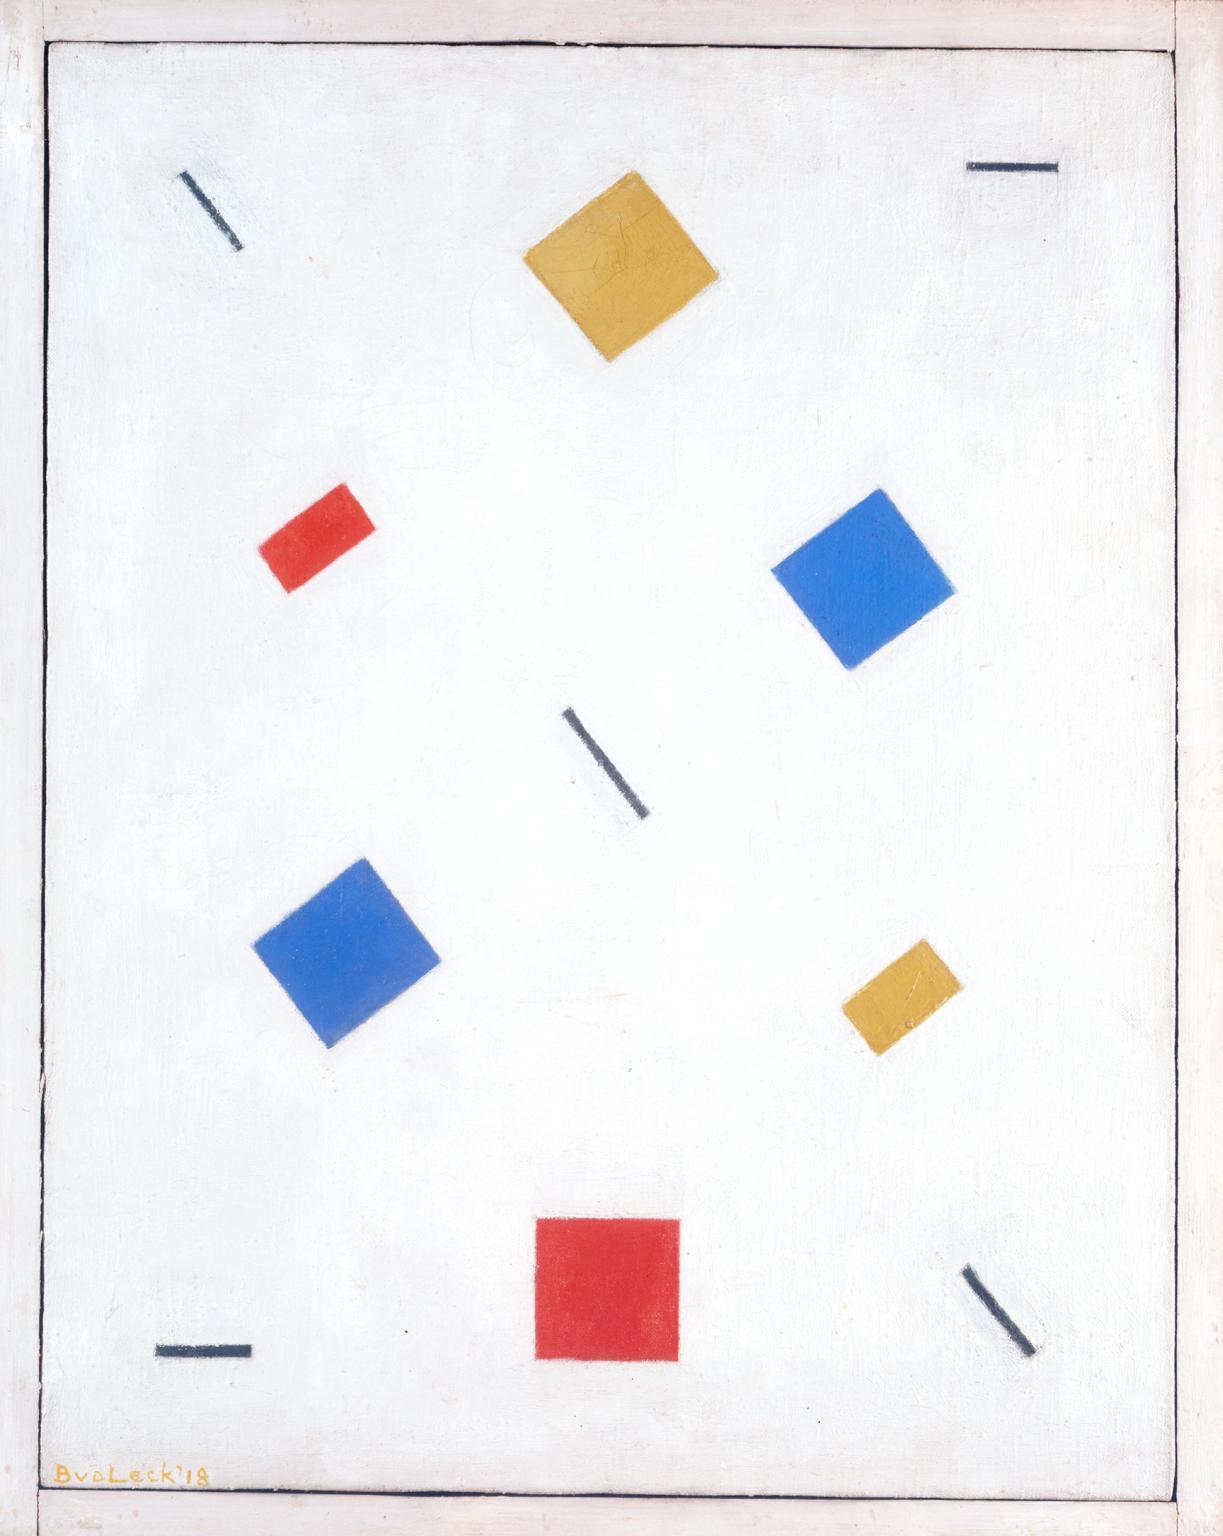 composition-1918-by-bart-van-der-leck-1876-1958